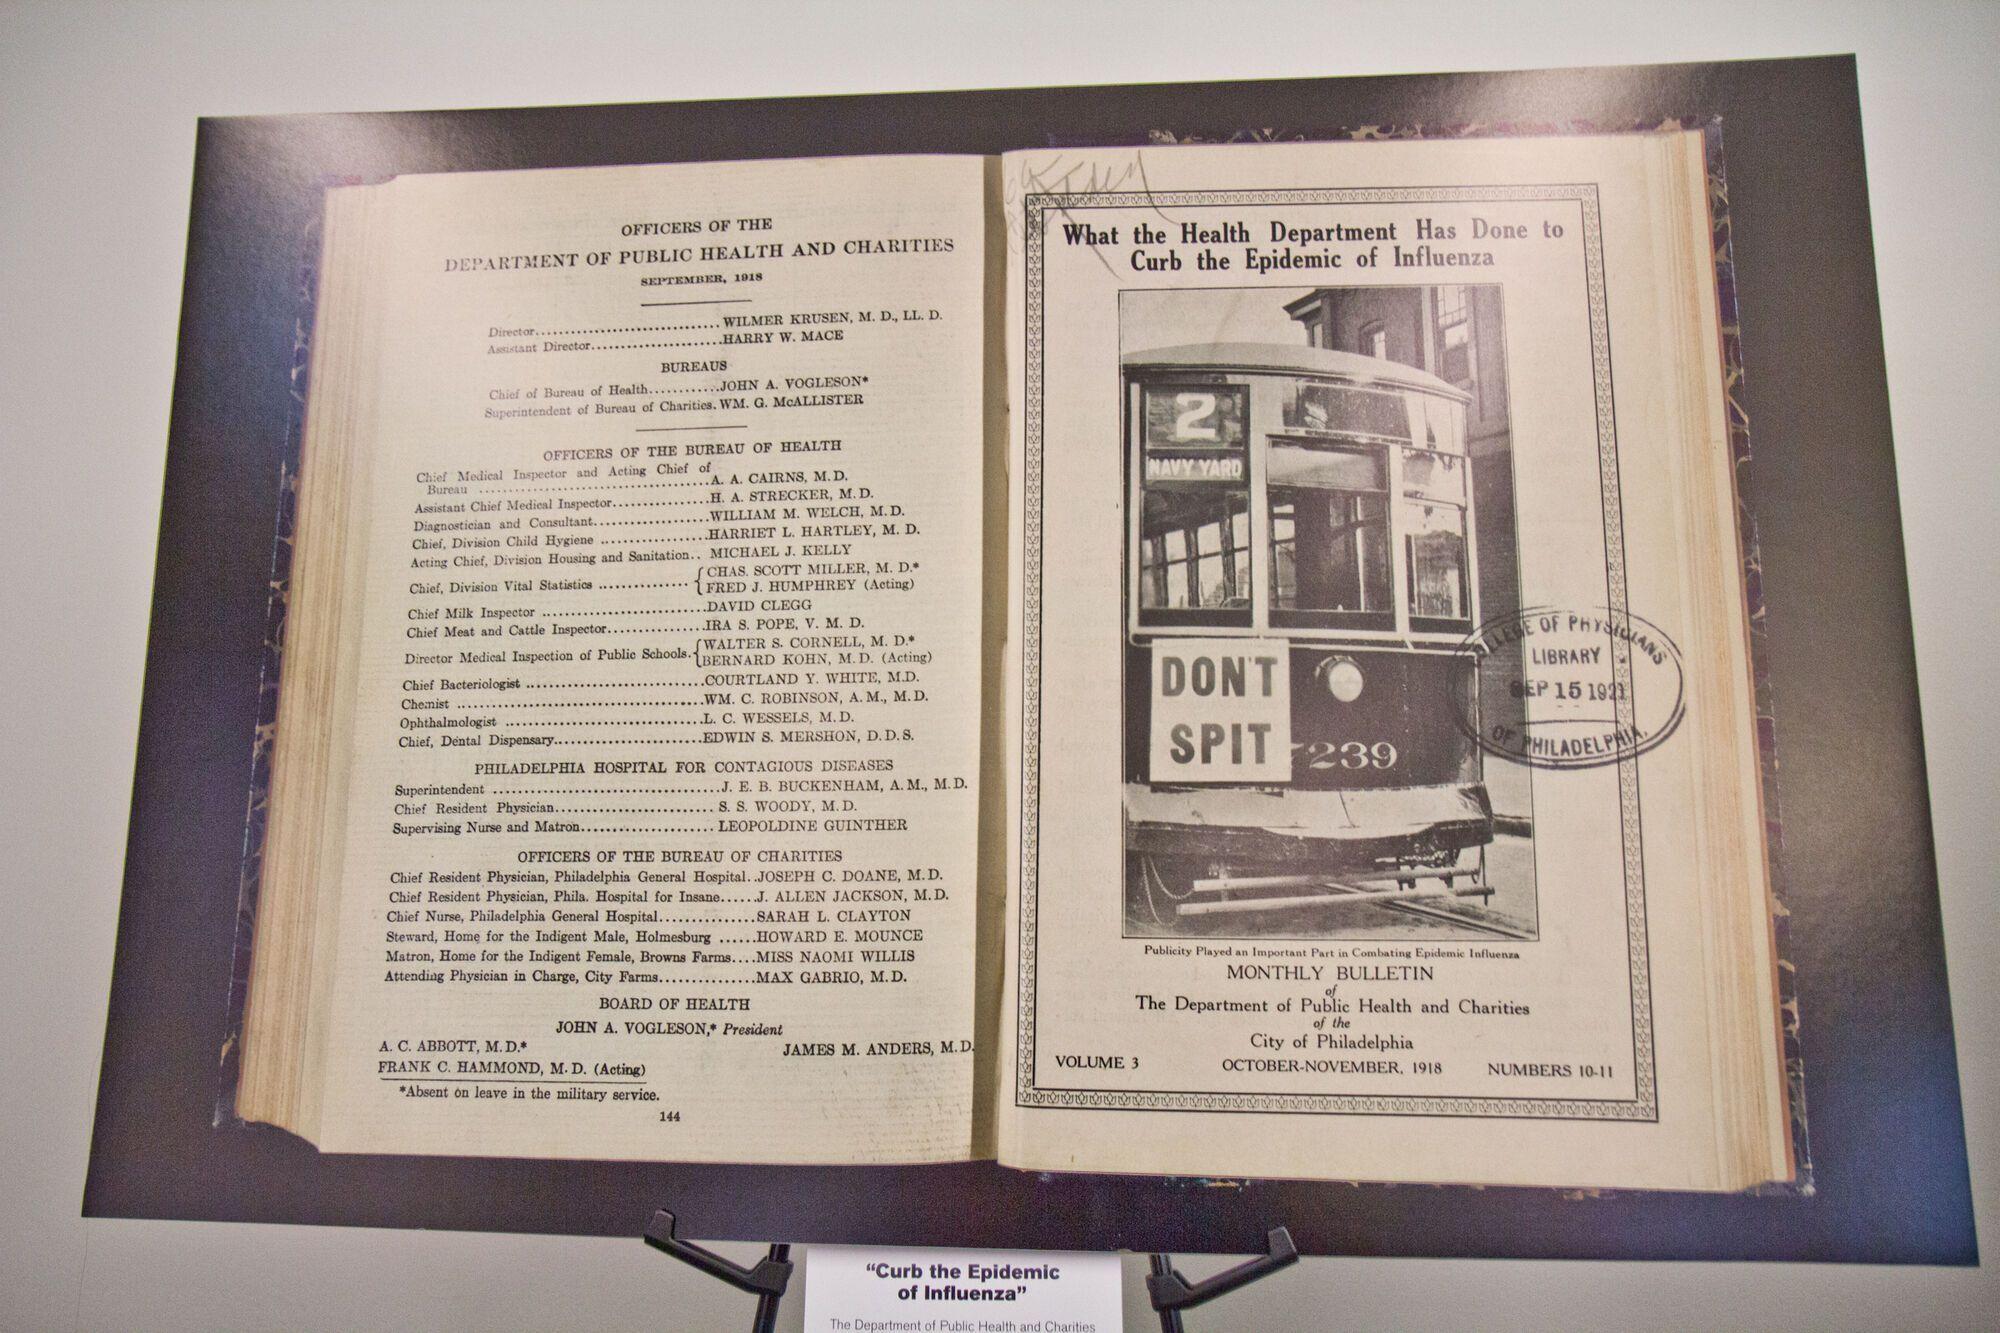 """Архивное изображение рекламы с надписью """"Не плюй"""", которая демонстрировалась на трамвае во время пандемии испанского гриппа, 1918 год"""